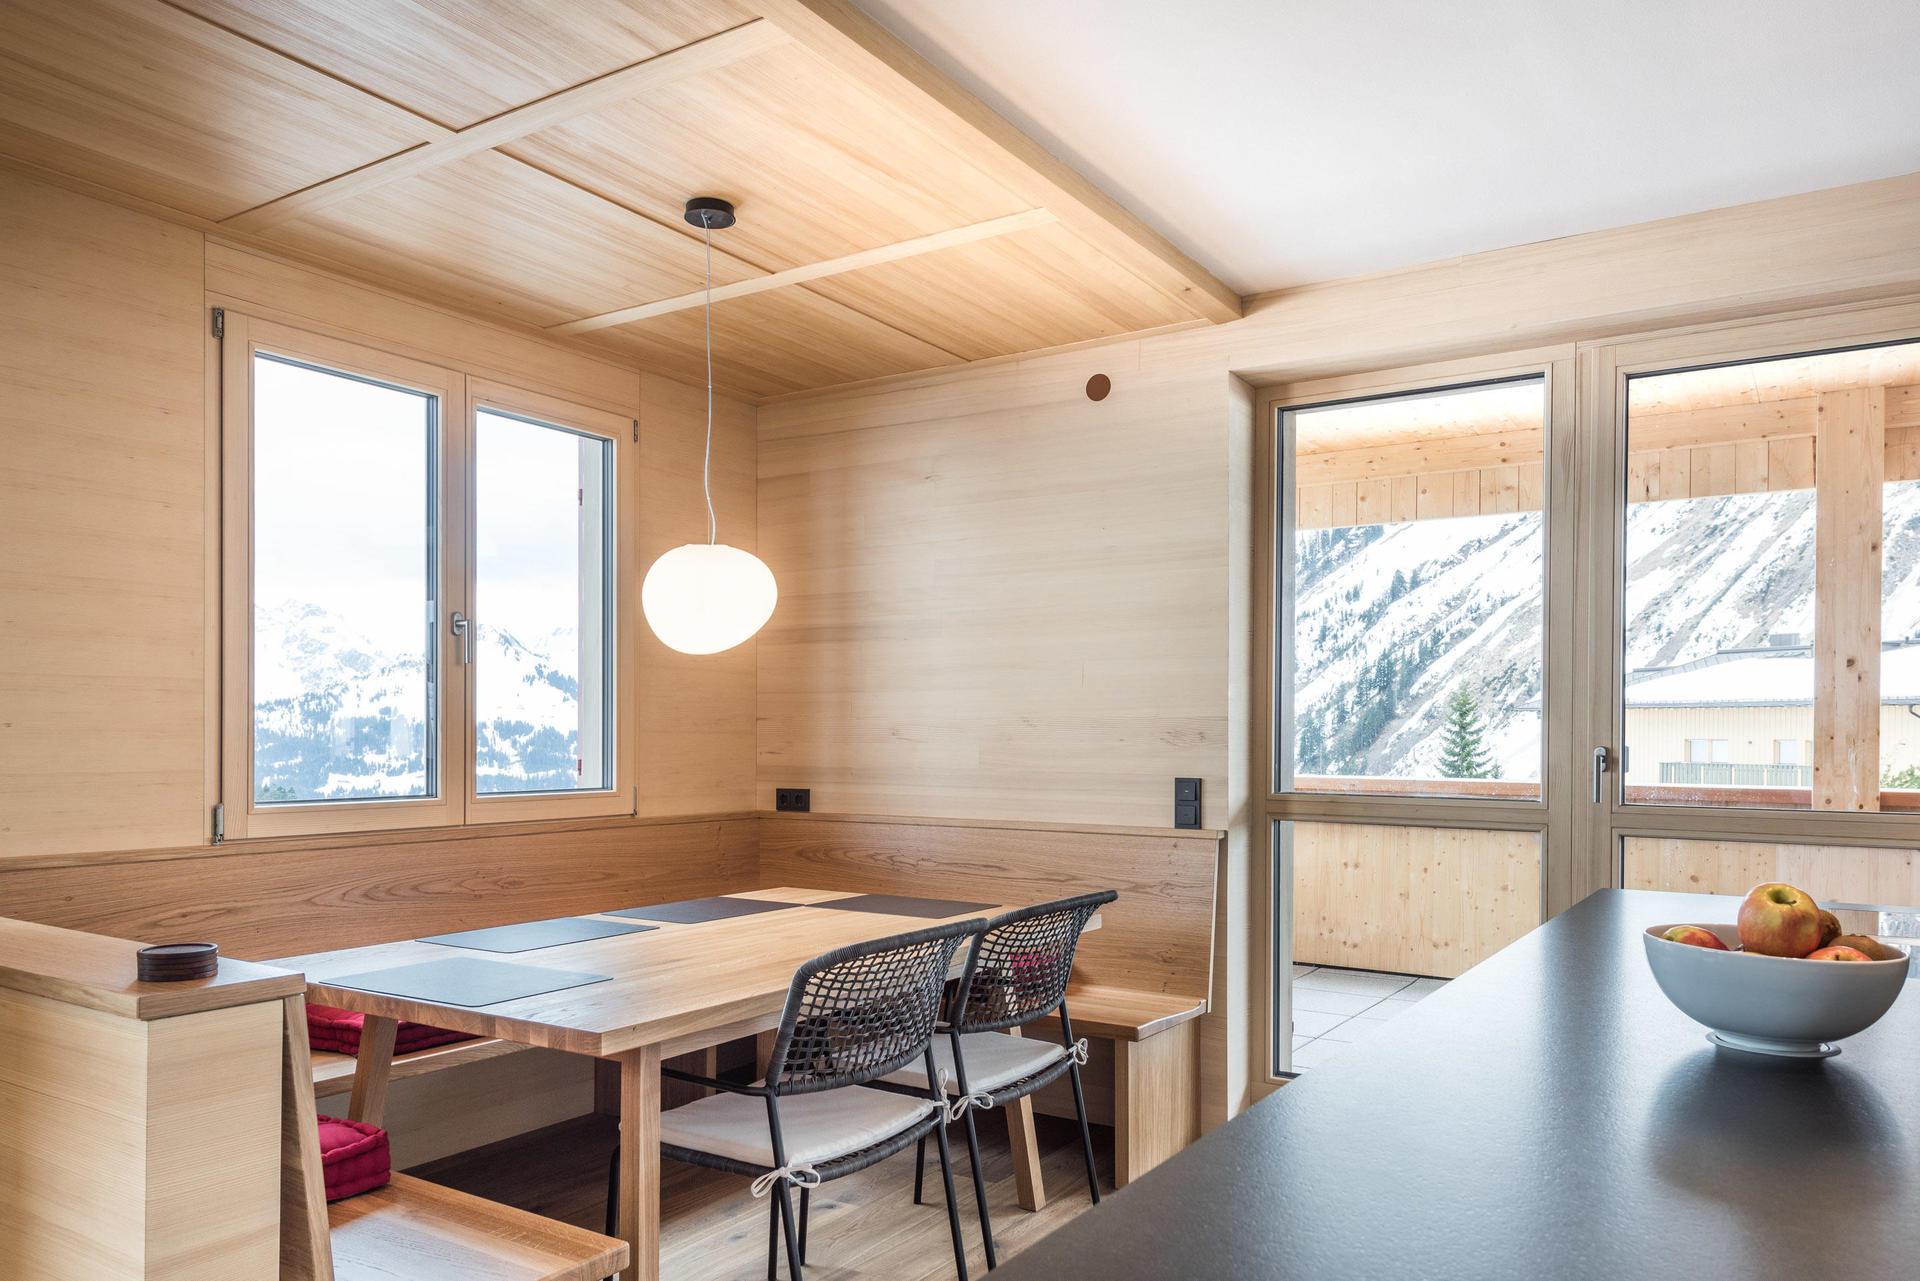 bertolini-photo-architecture-interior-0